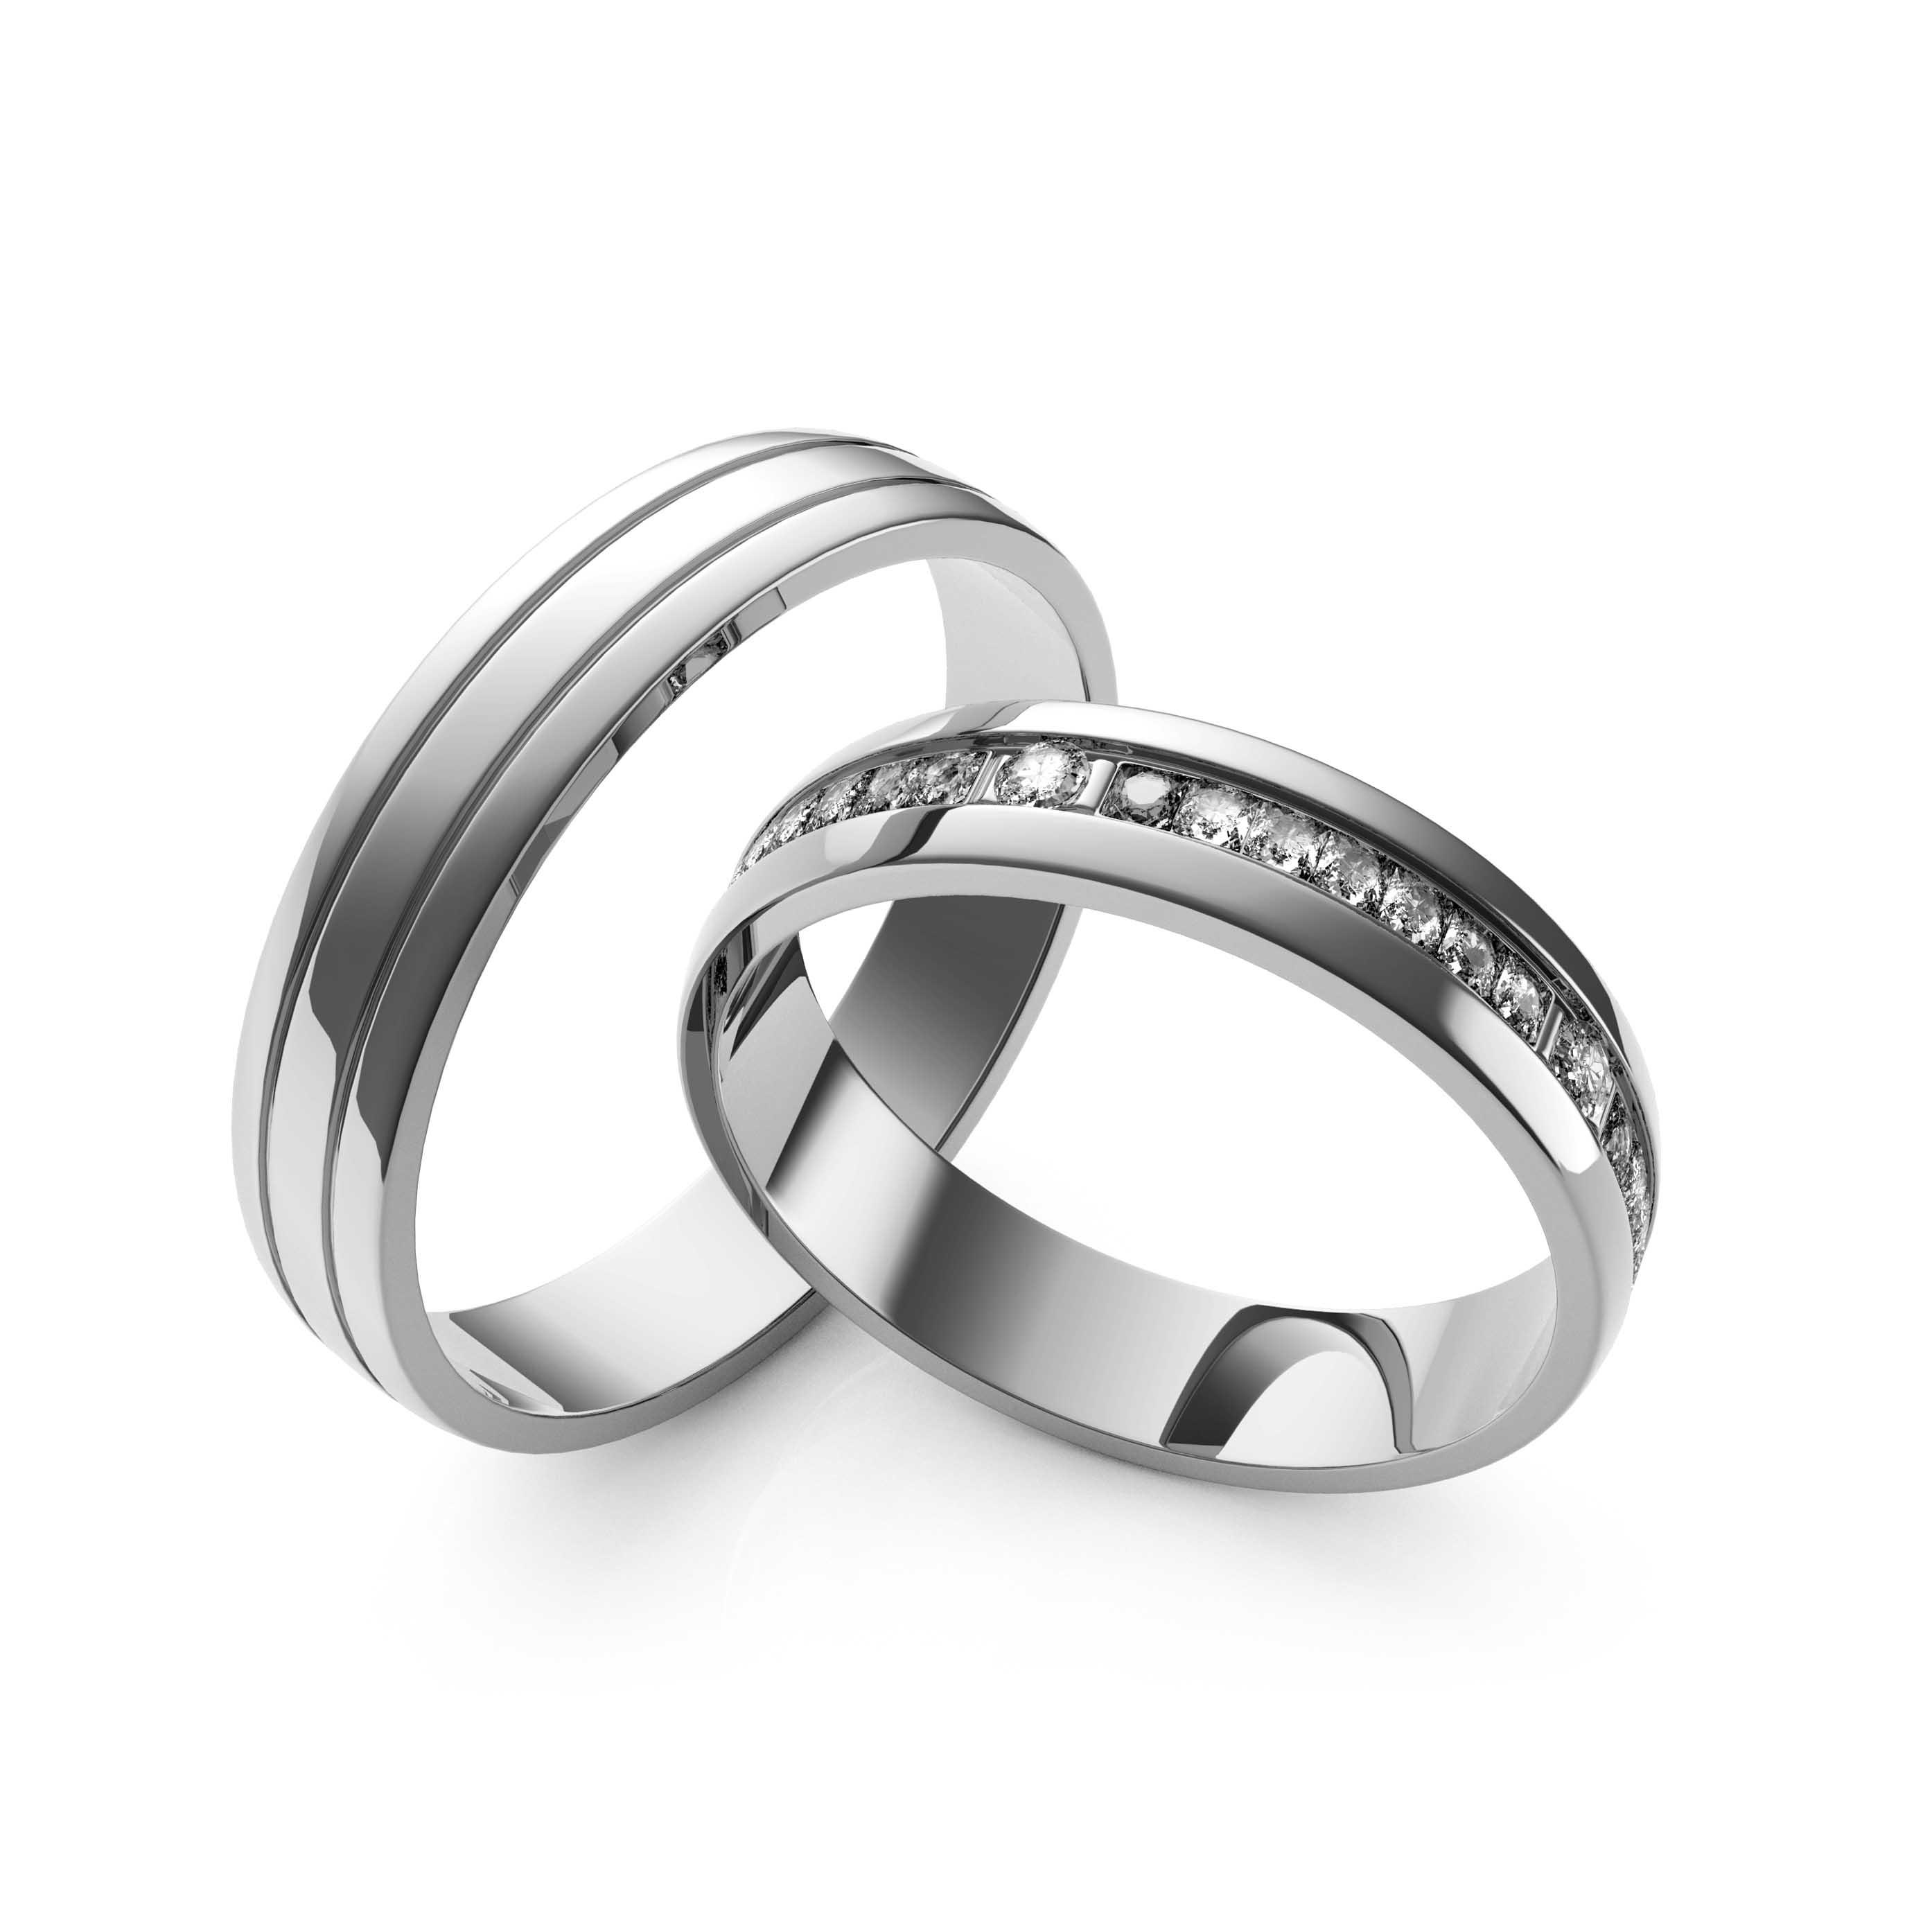 Rings Set White Gold - 3D Model